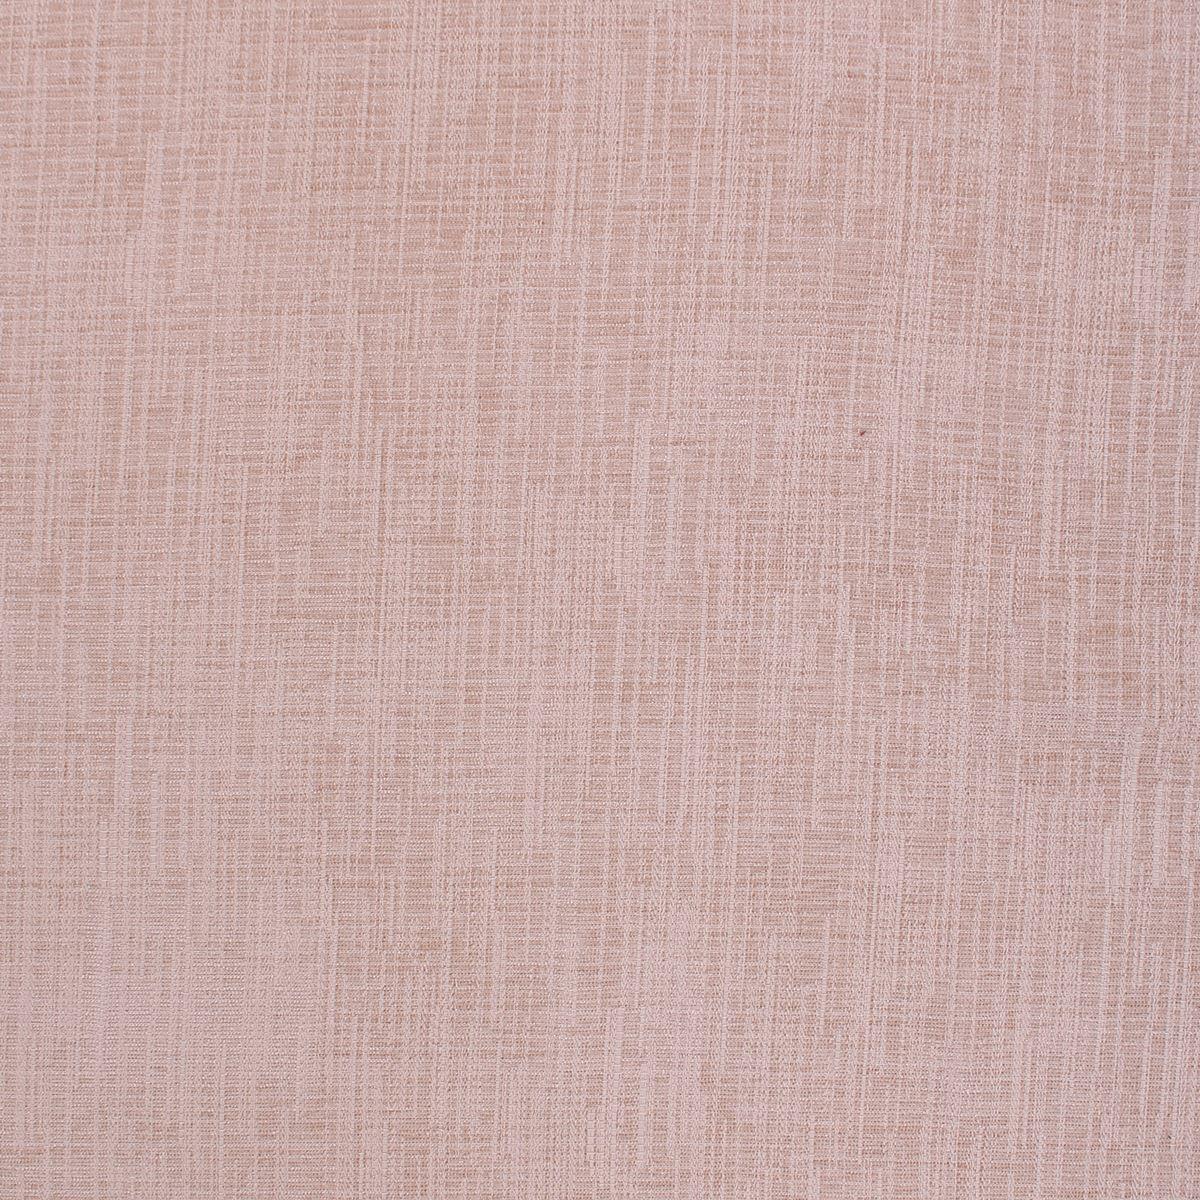 Chenille Slubbed Shabby Worn Look Curtain Cushion Sofa Upholstery